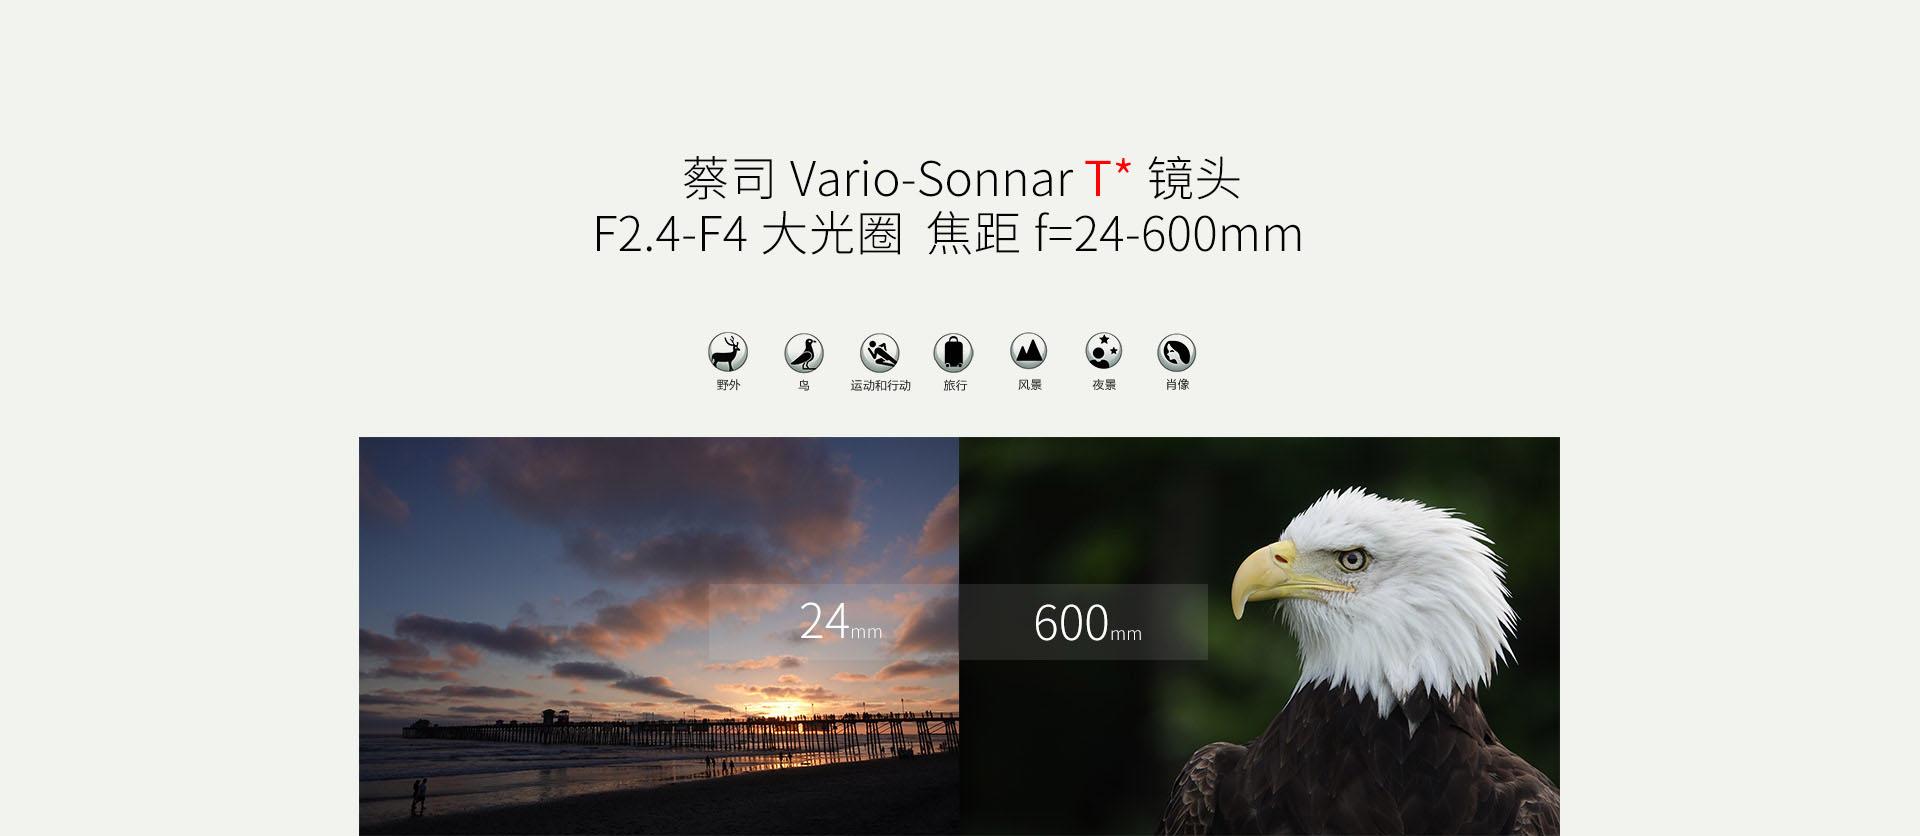 镜头介绍和24-600mm样照展示